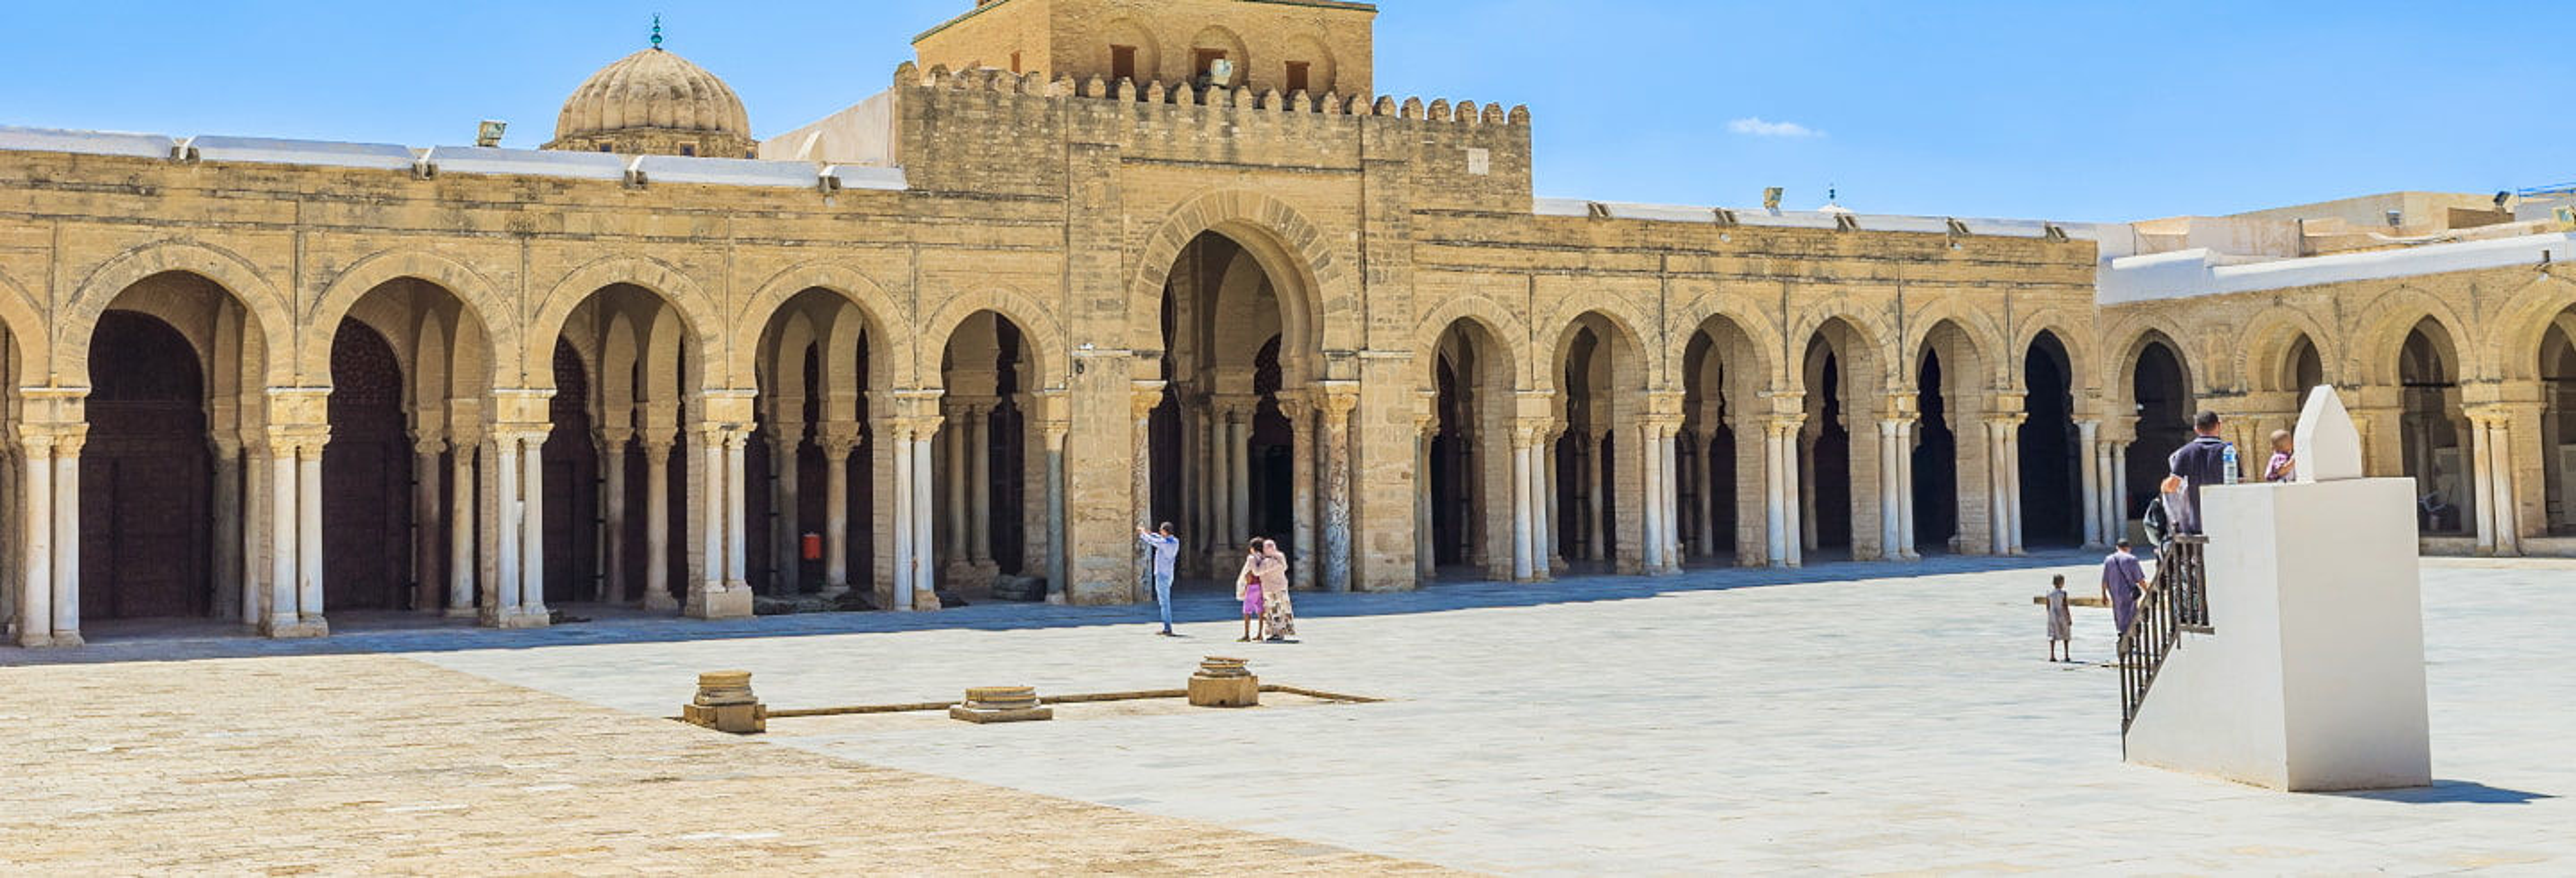 Circuito de 2 dias por El Jem, Douz e Kairouan